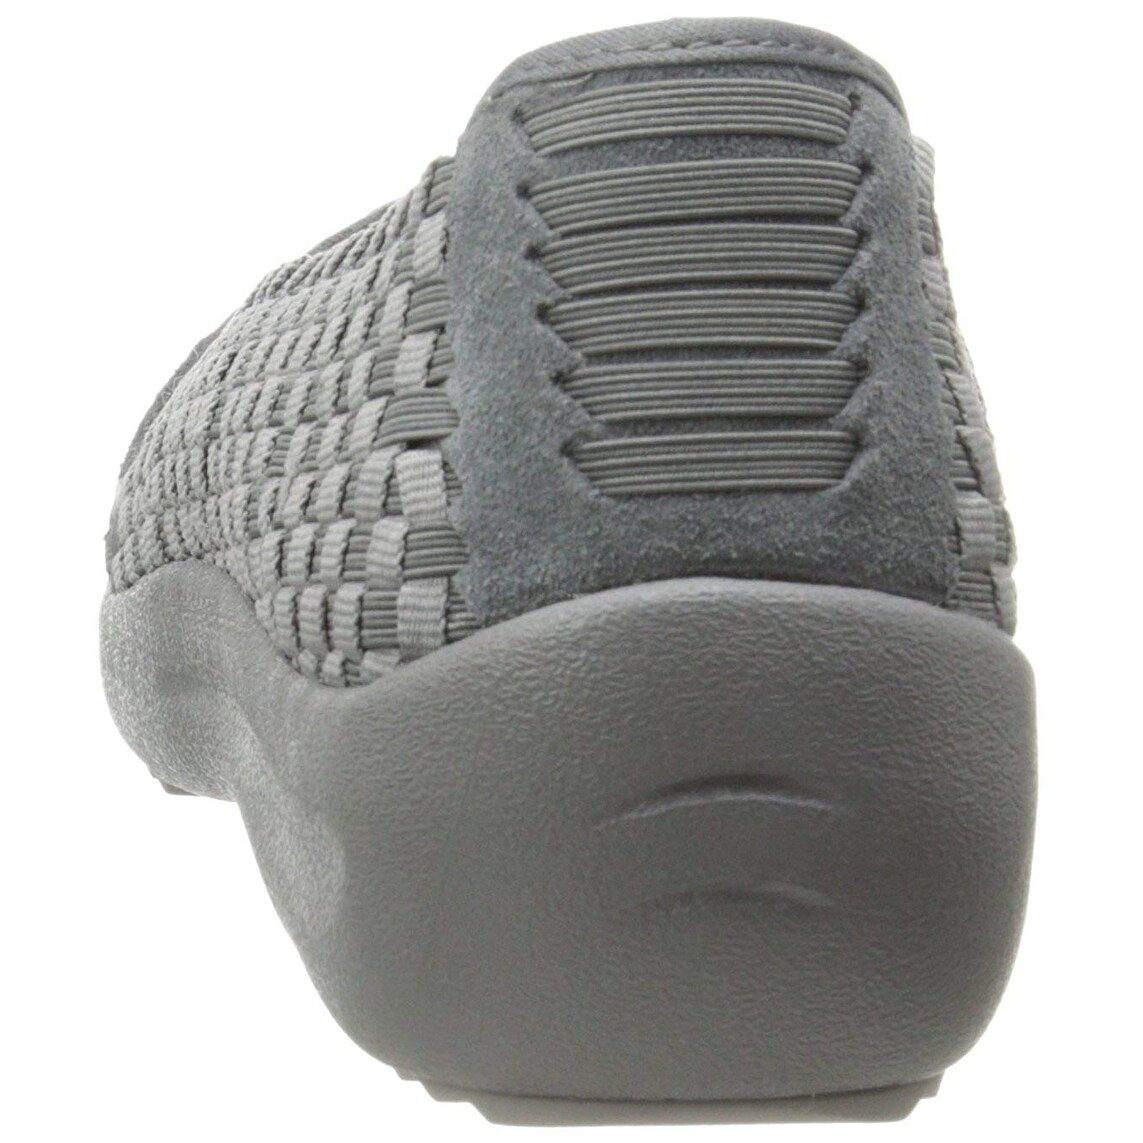 Skechers Women's Savor Just Weave It Walking Shoe,Charcoal,10 M Us